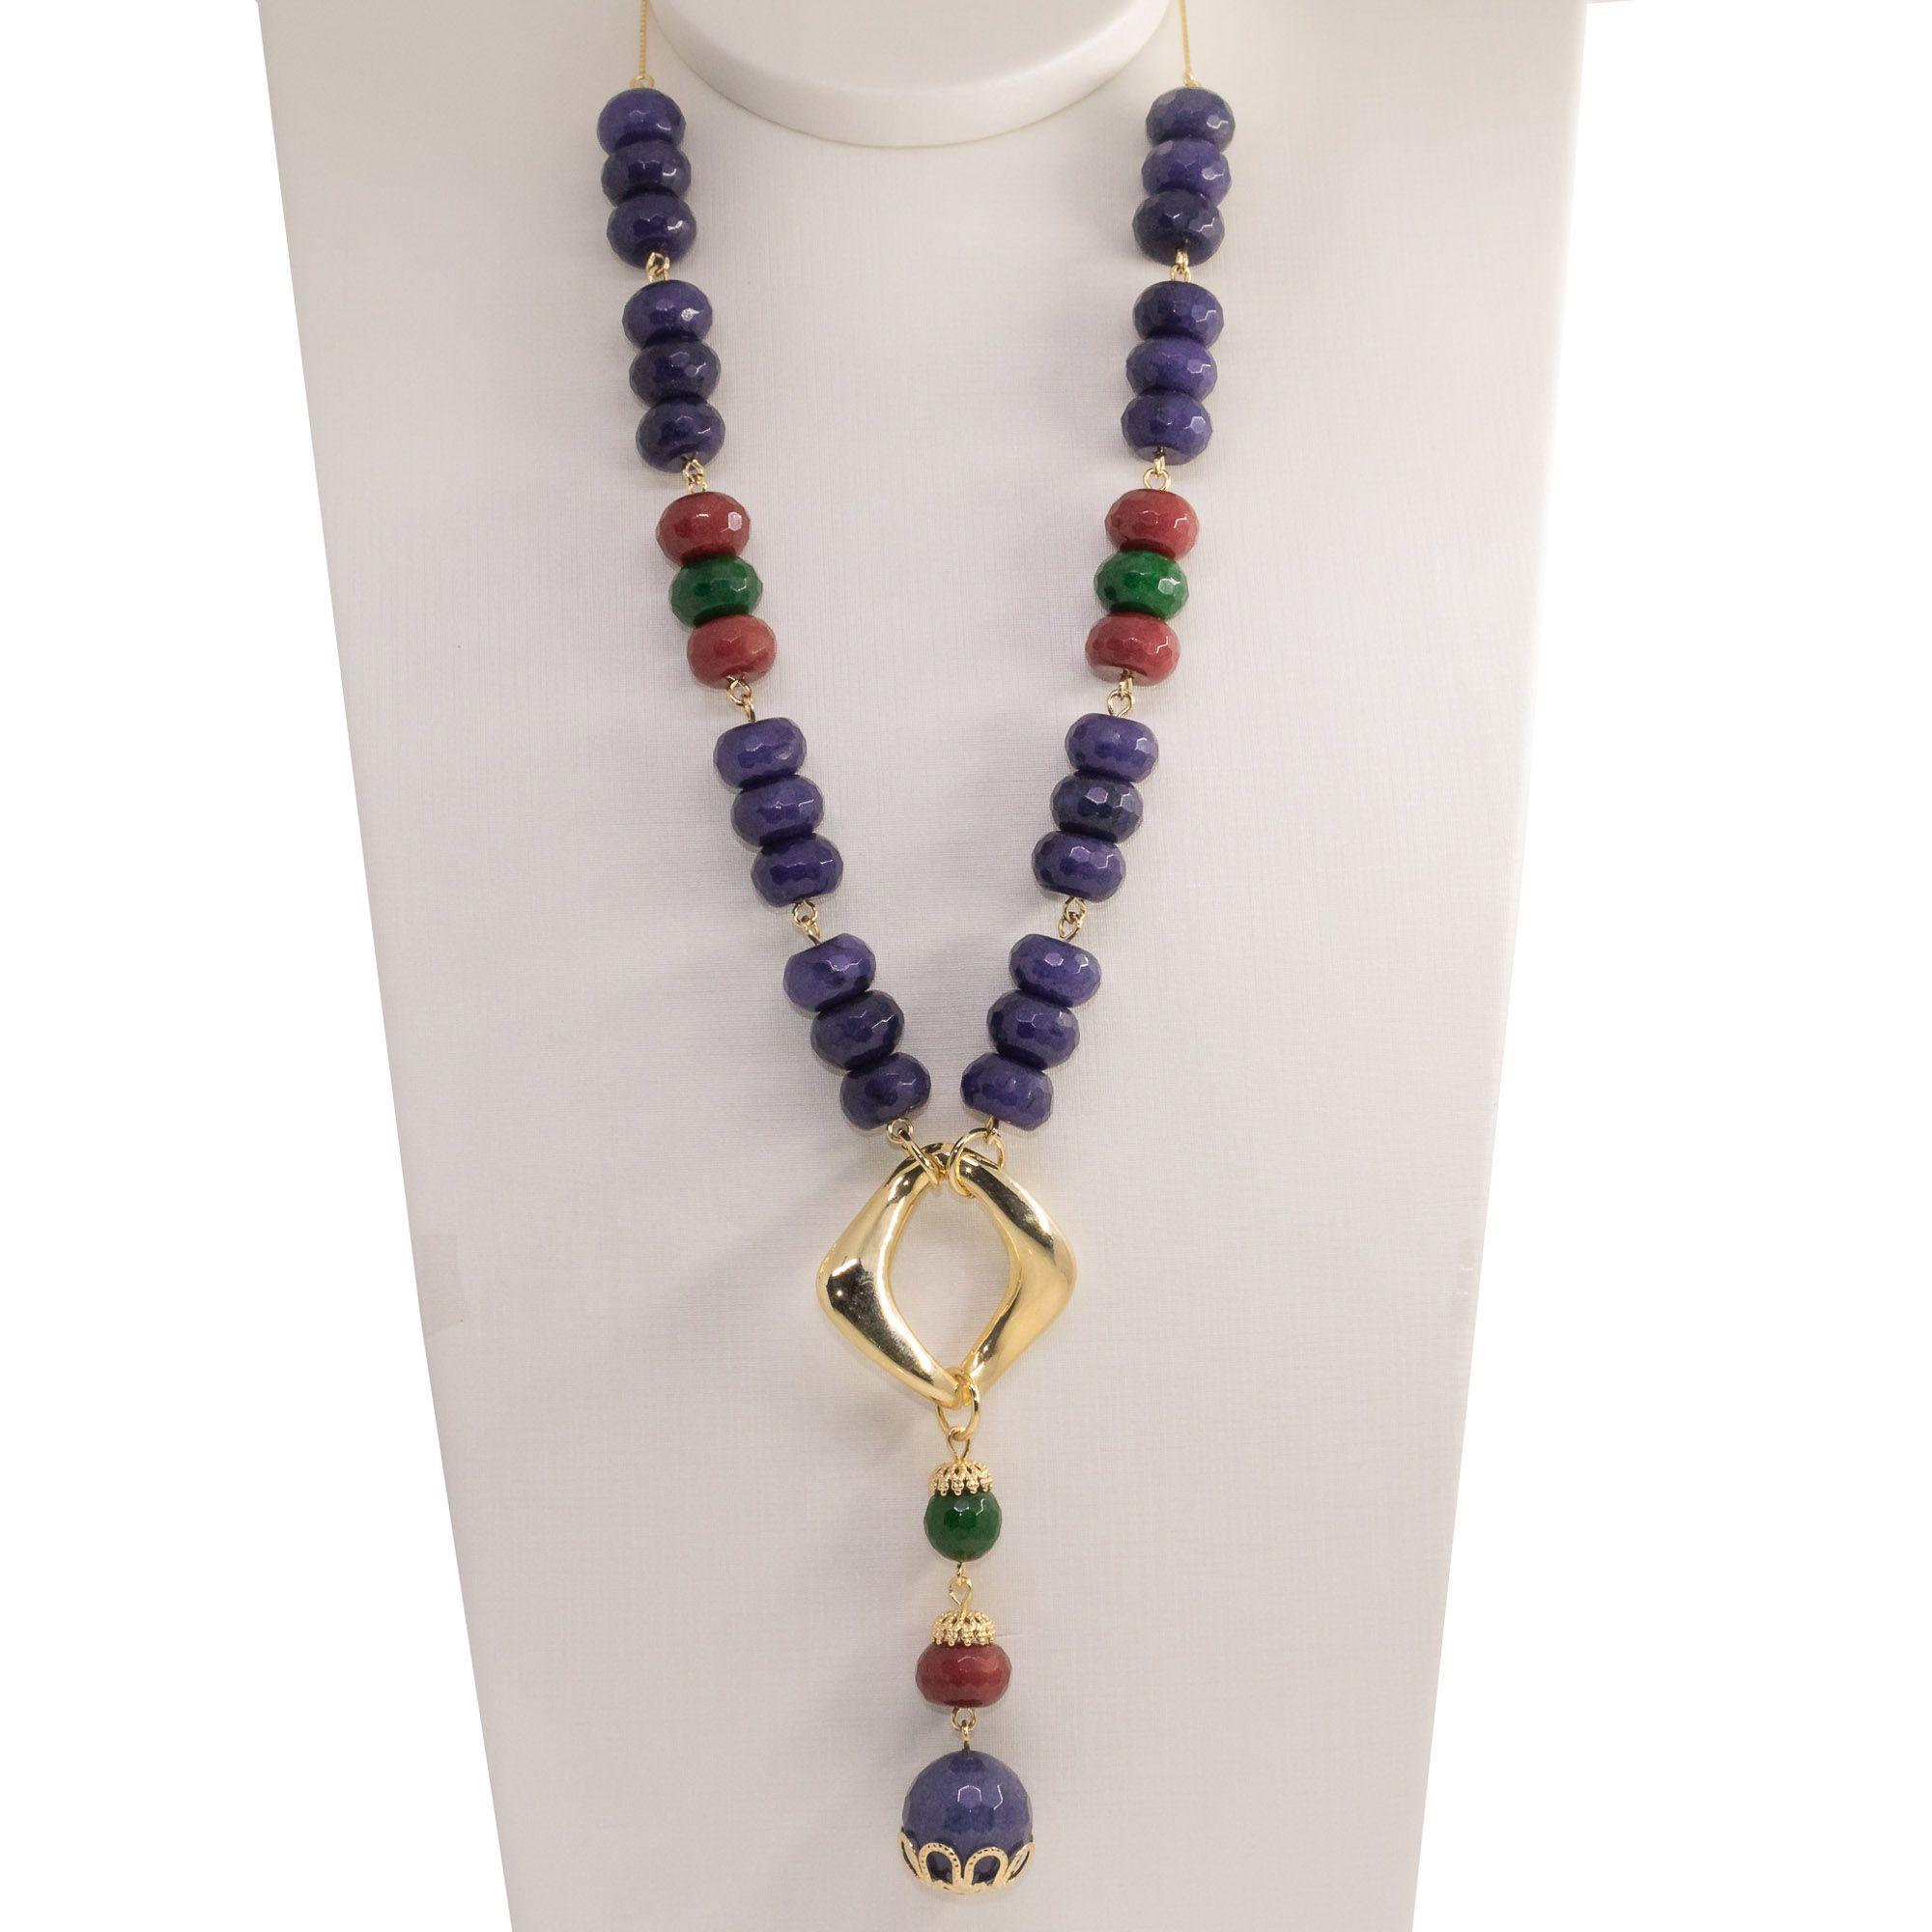 Colar Semi joia Elo torto em pedra natural  Jade folheado a ouro 18k ou rhodium